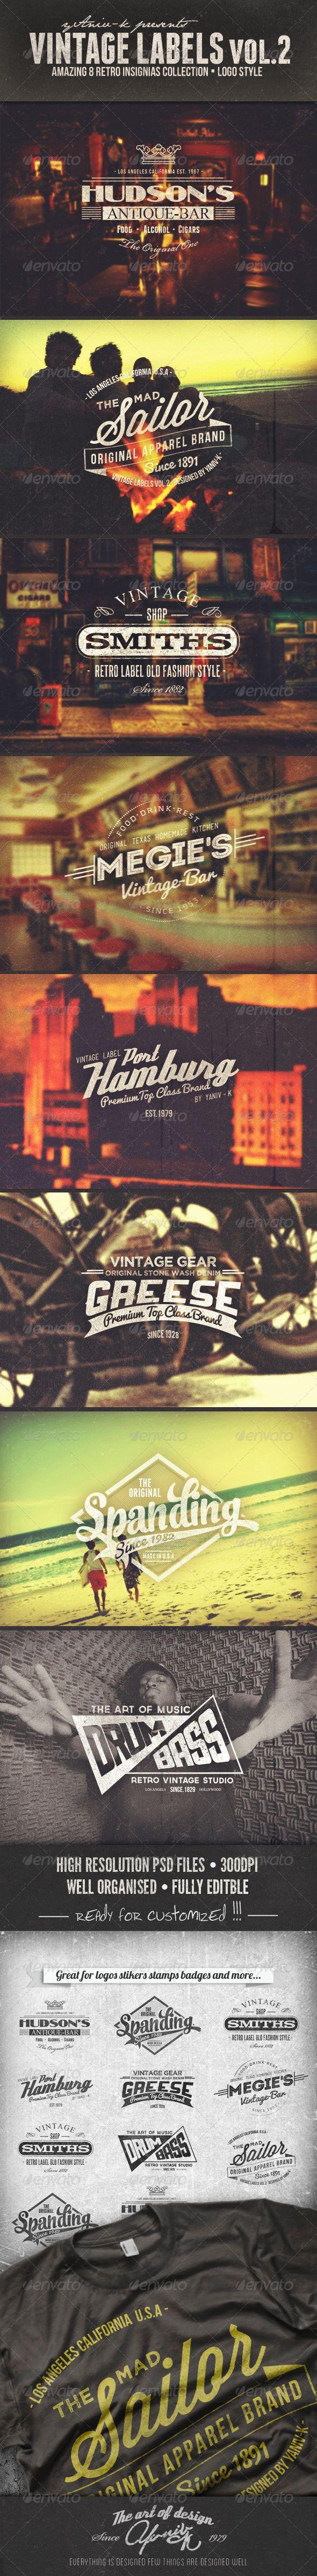 Vintage Labels Vol.2 - Badges & Stickers Web Elements